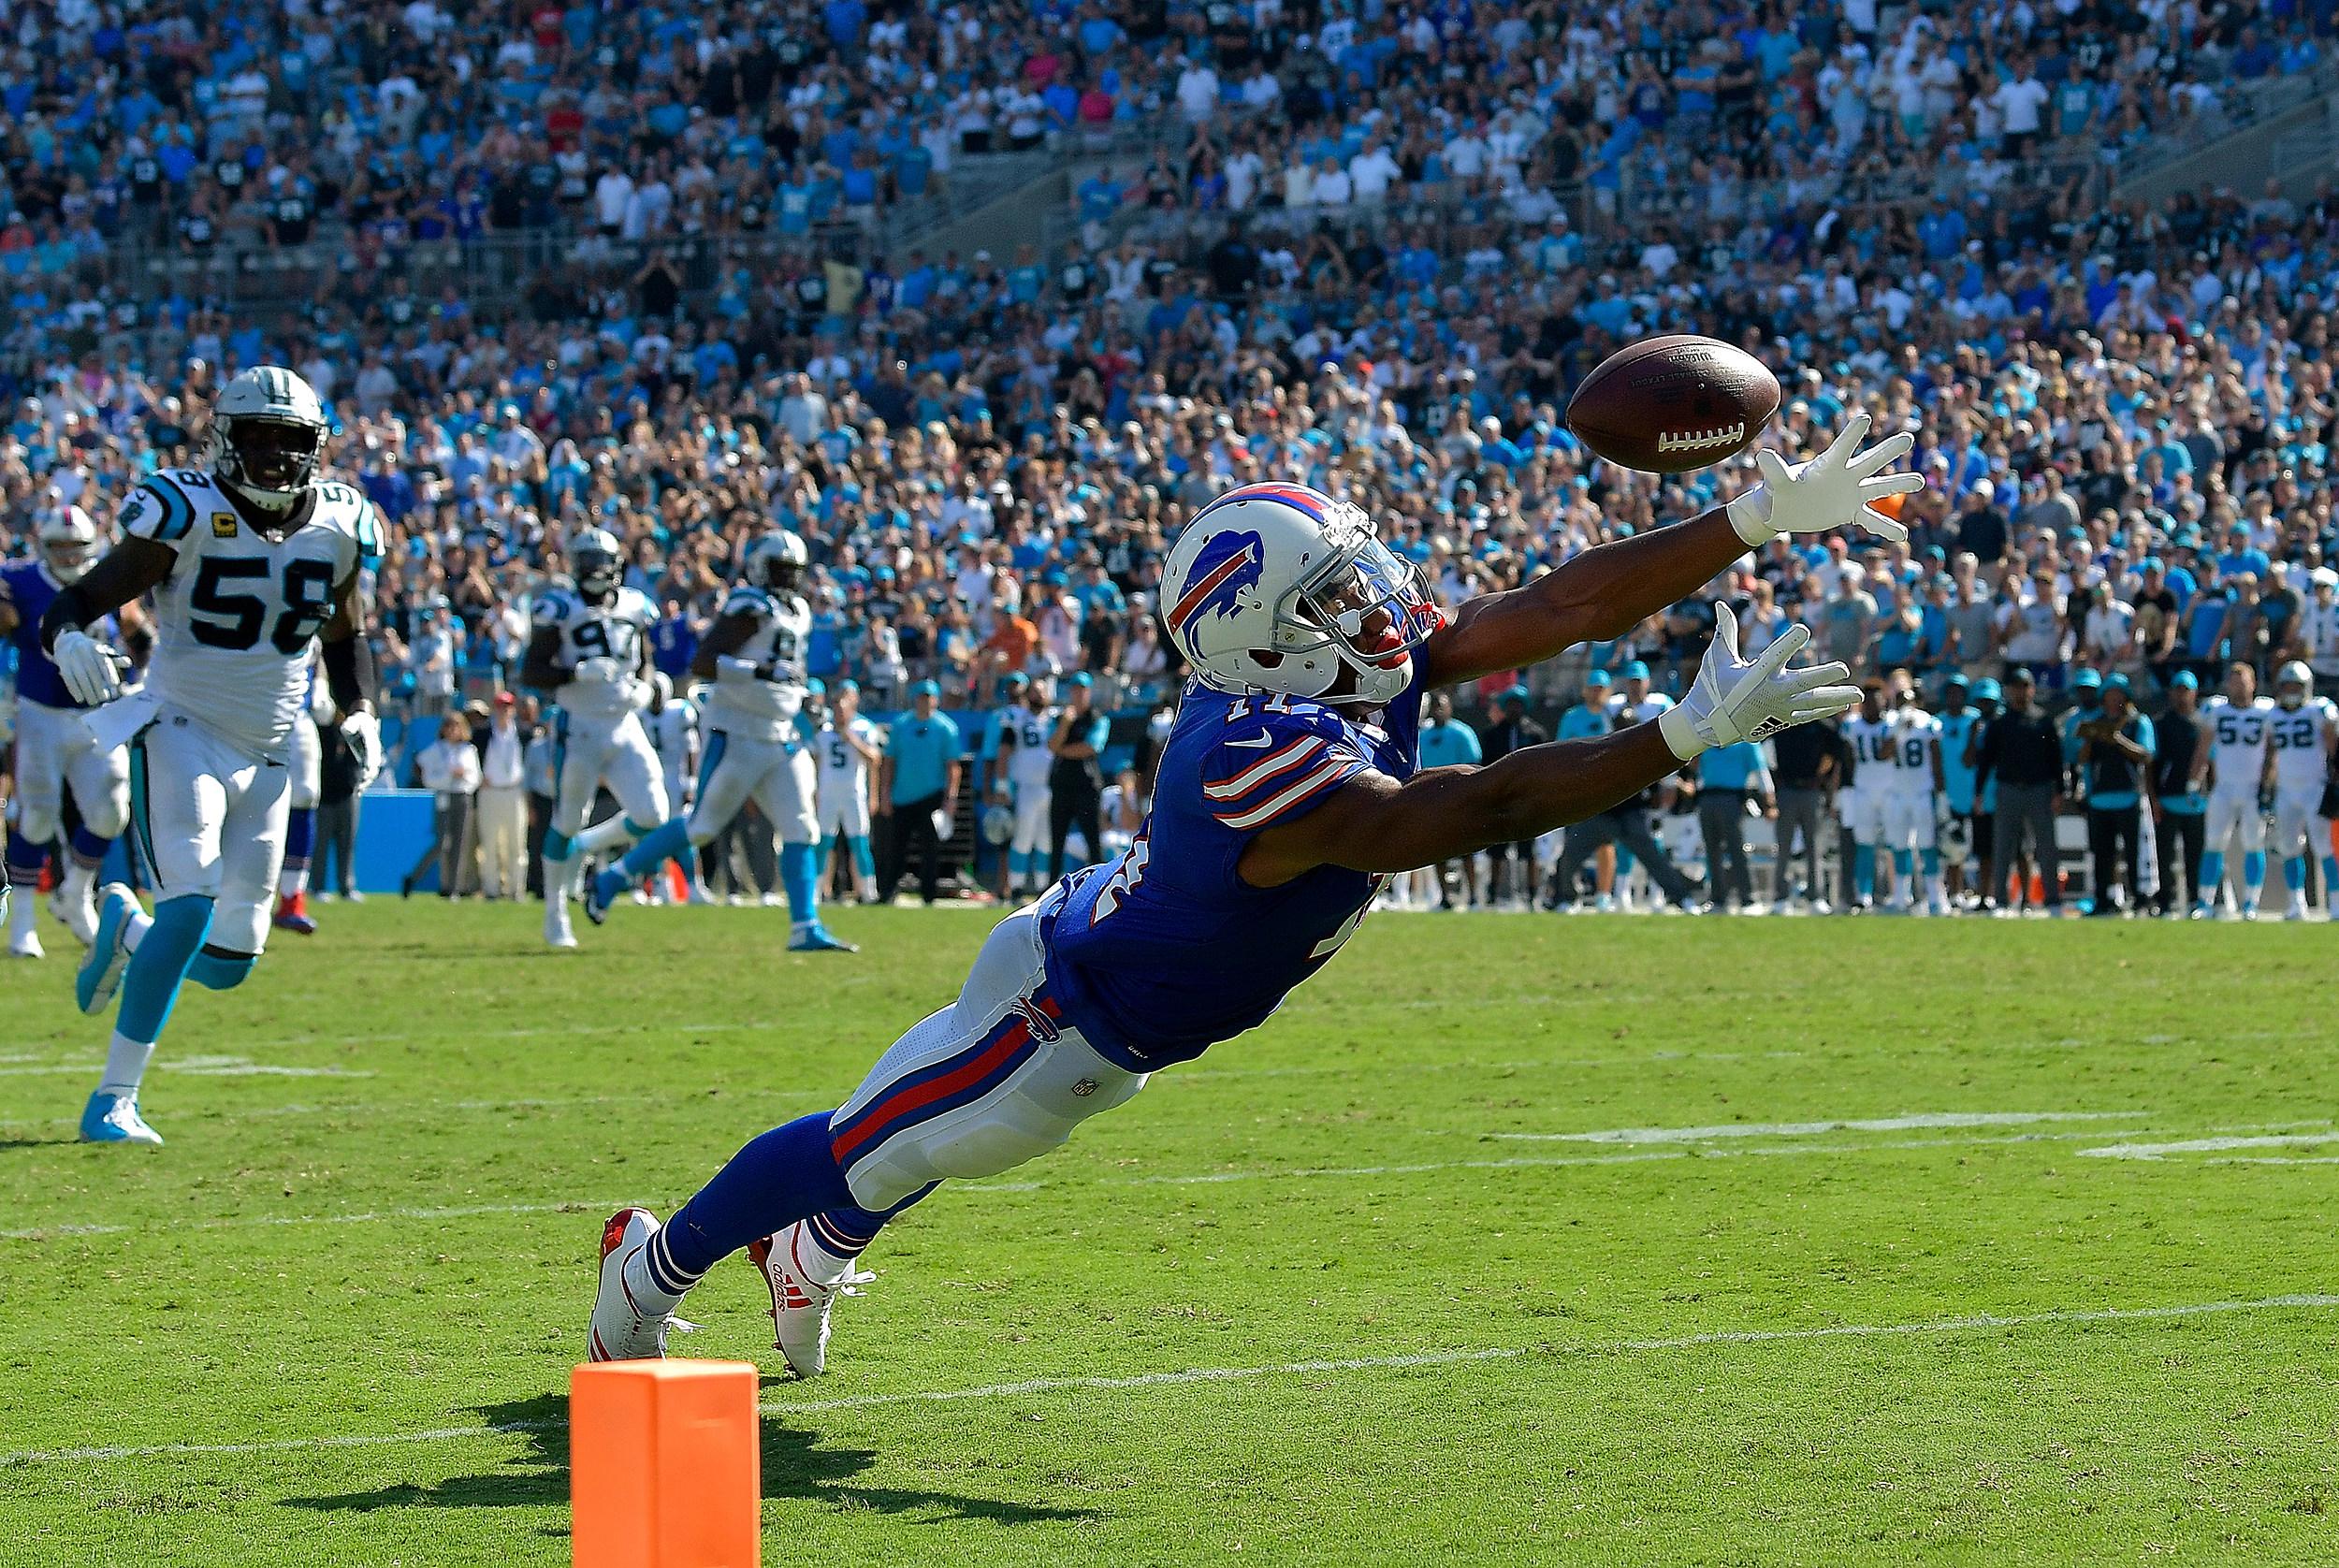 Buffalo Bills versus Carolina Panthers: Game preview